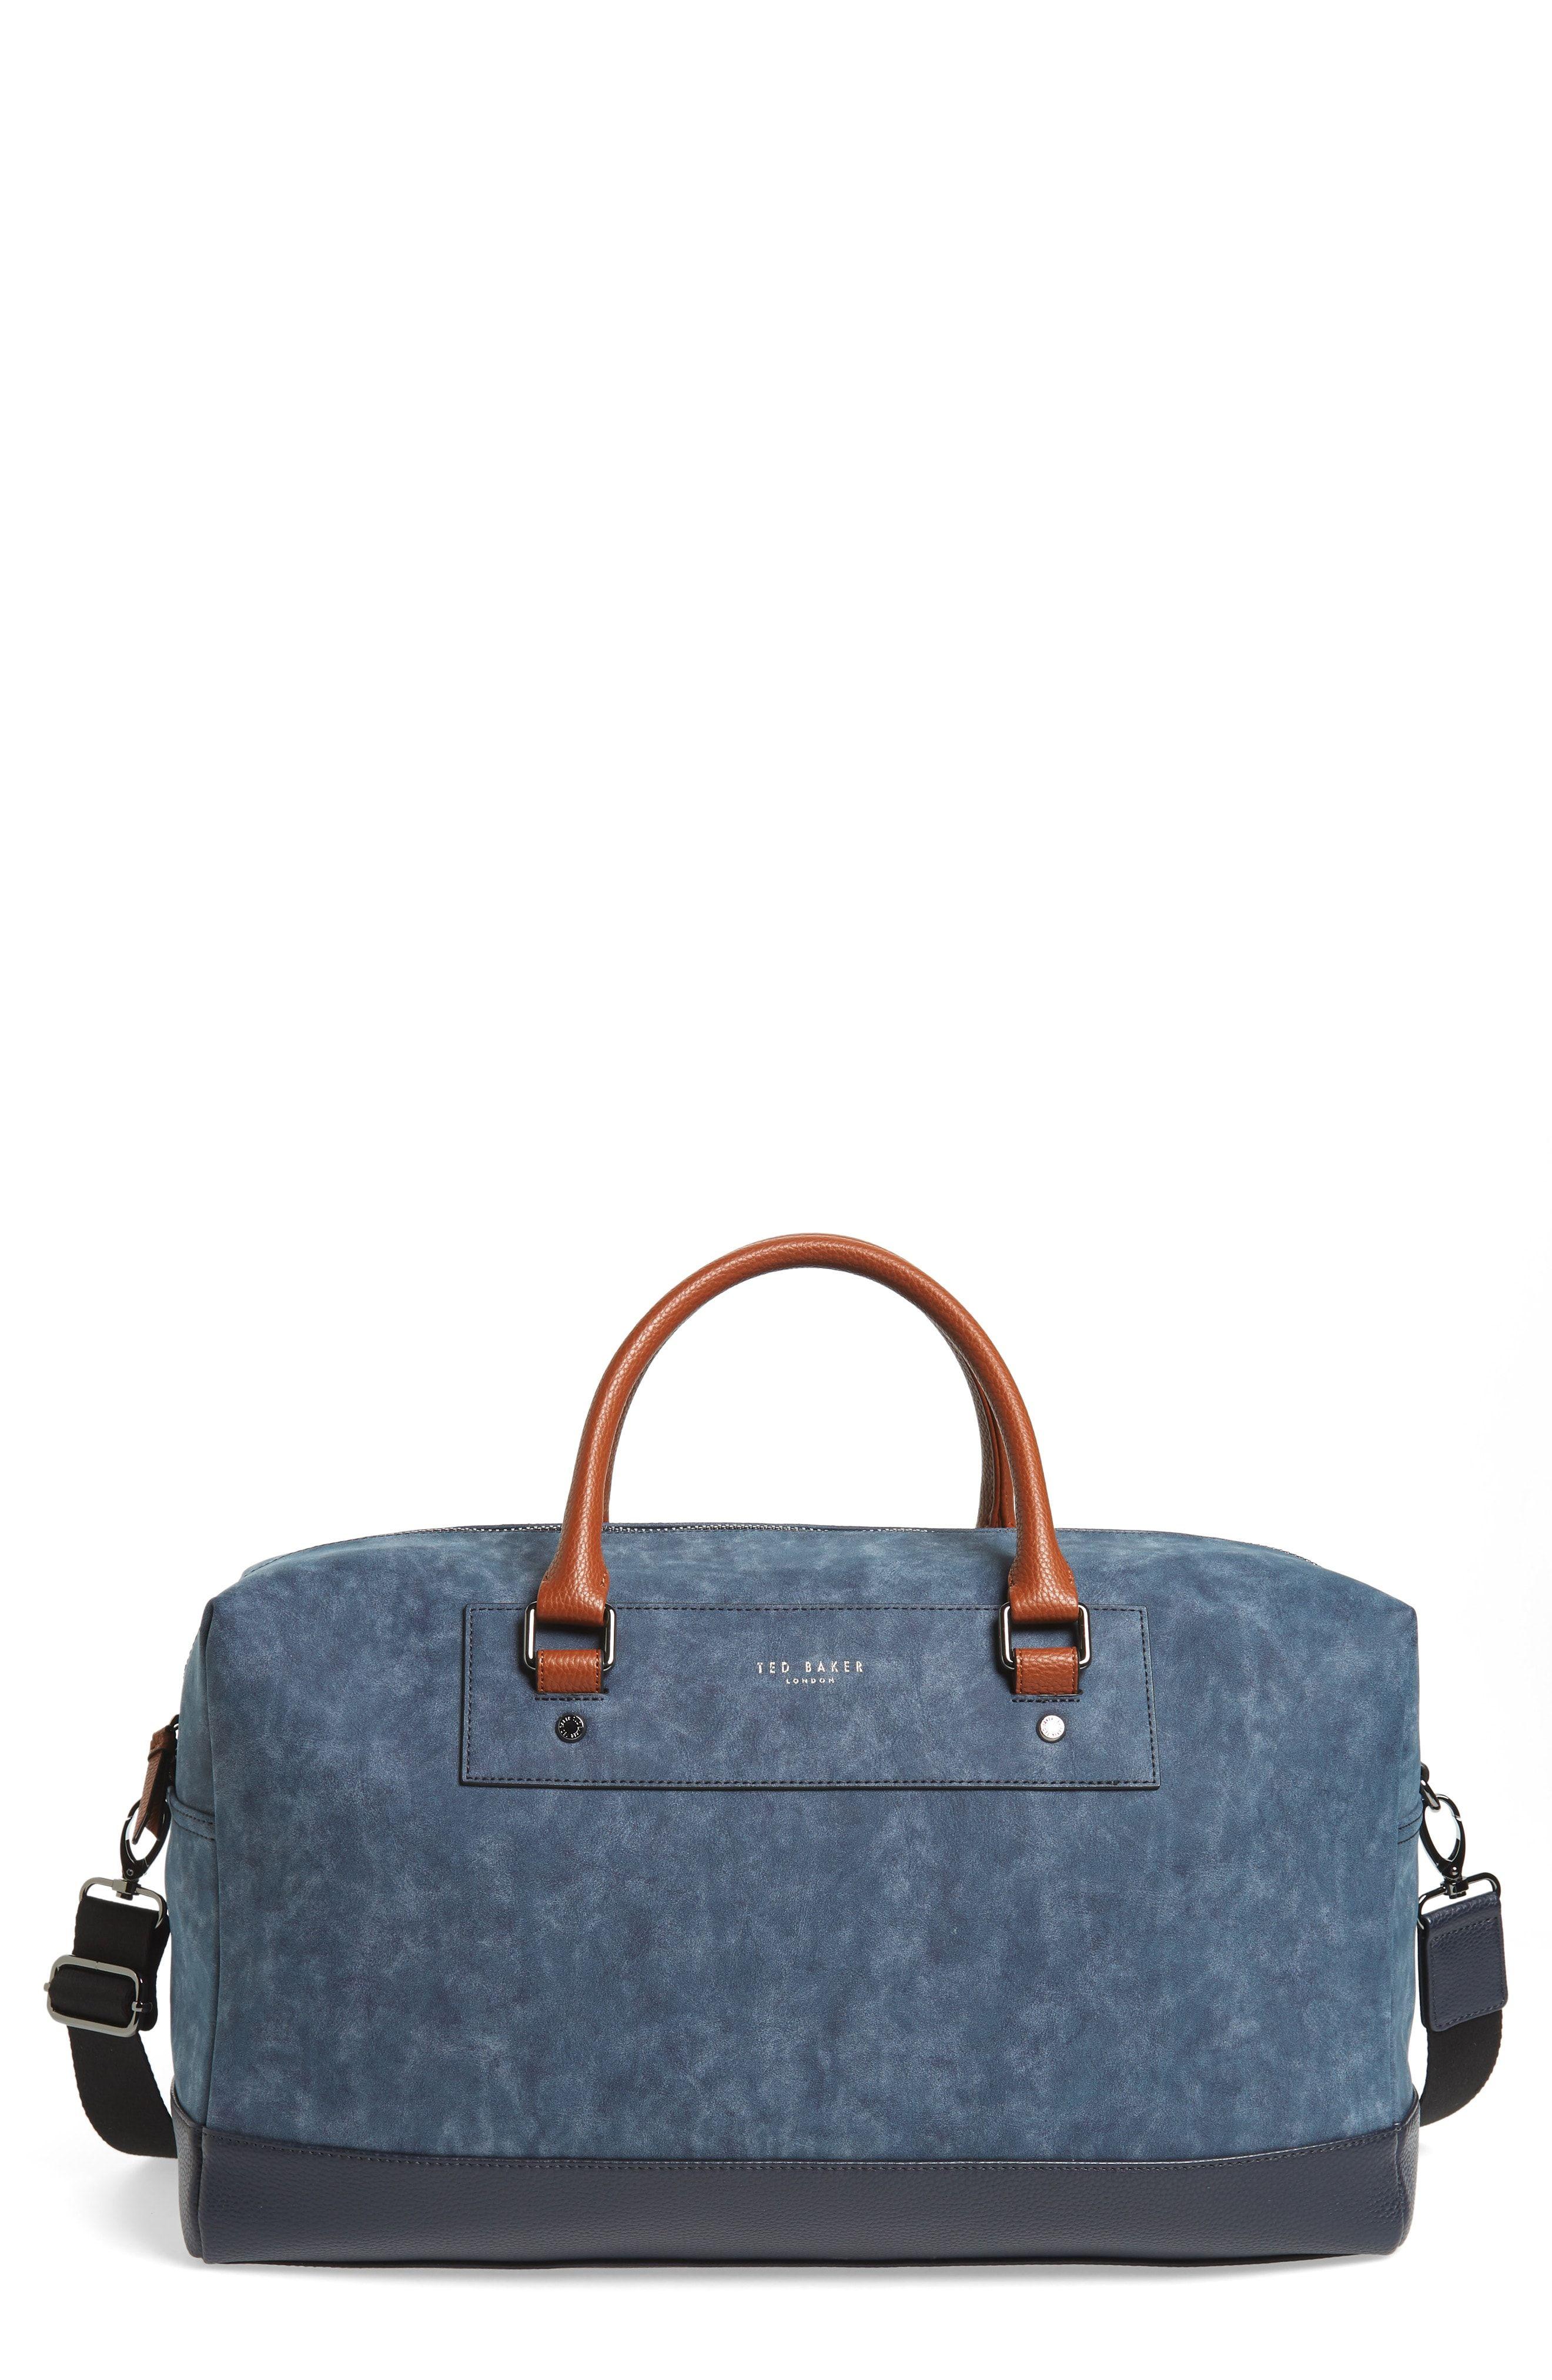 1e3503aff TED BAKER DOCUMENT BAG - GREEN.  tedbaker  bags  leather  nylon ...